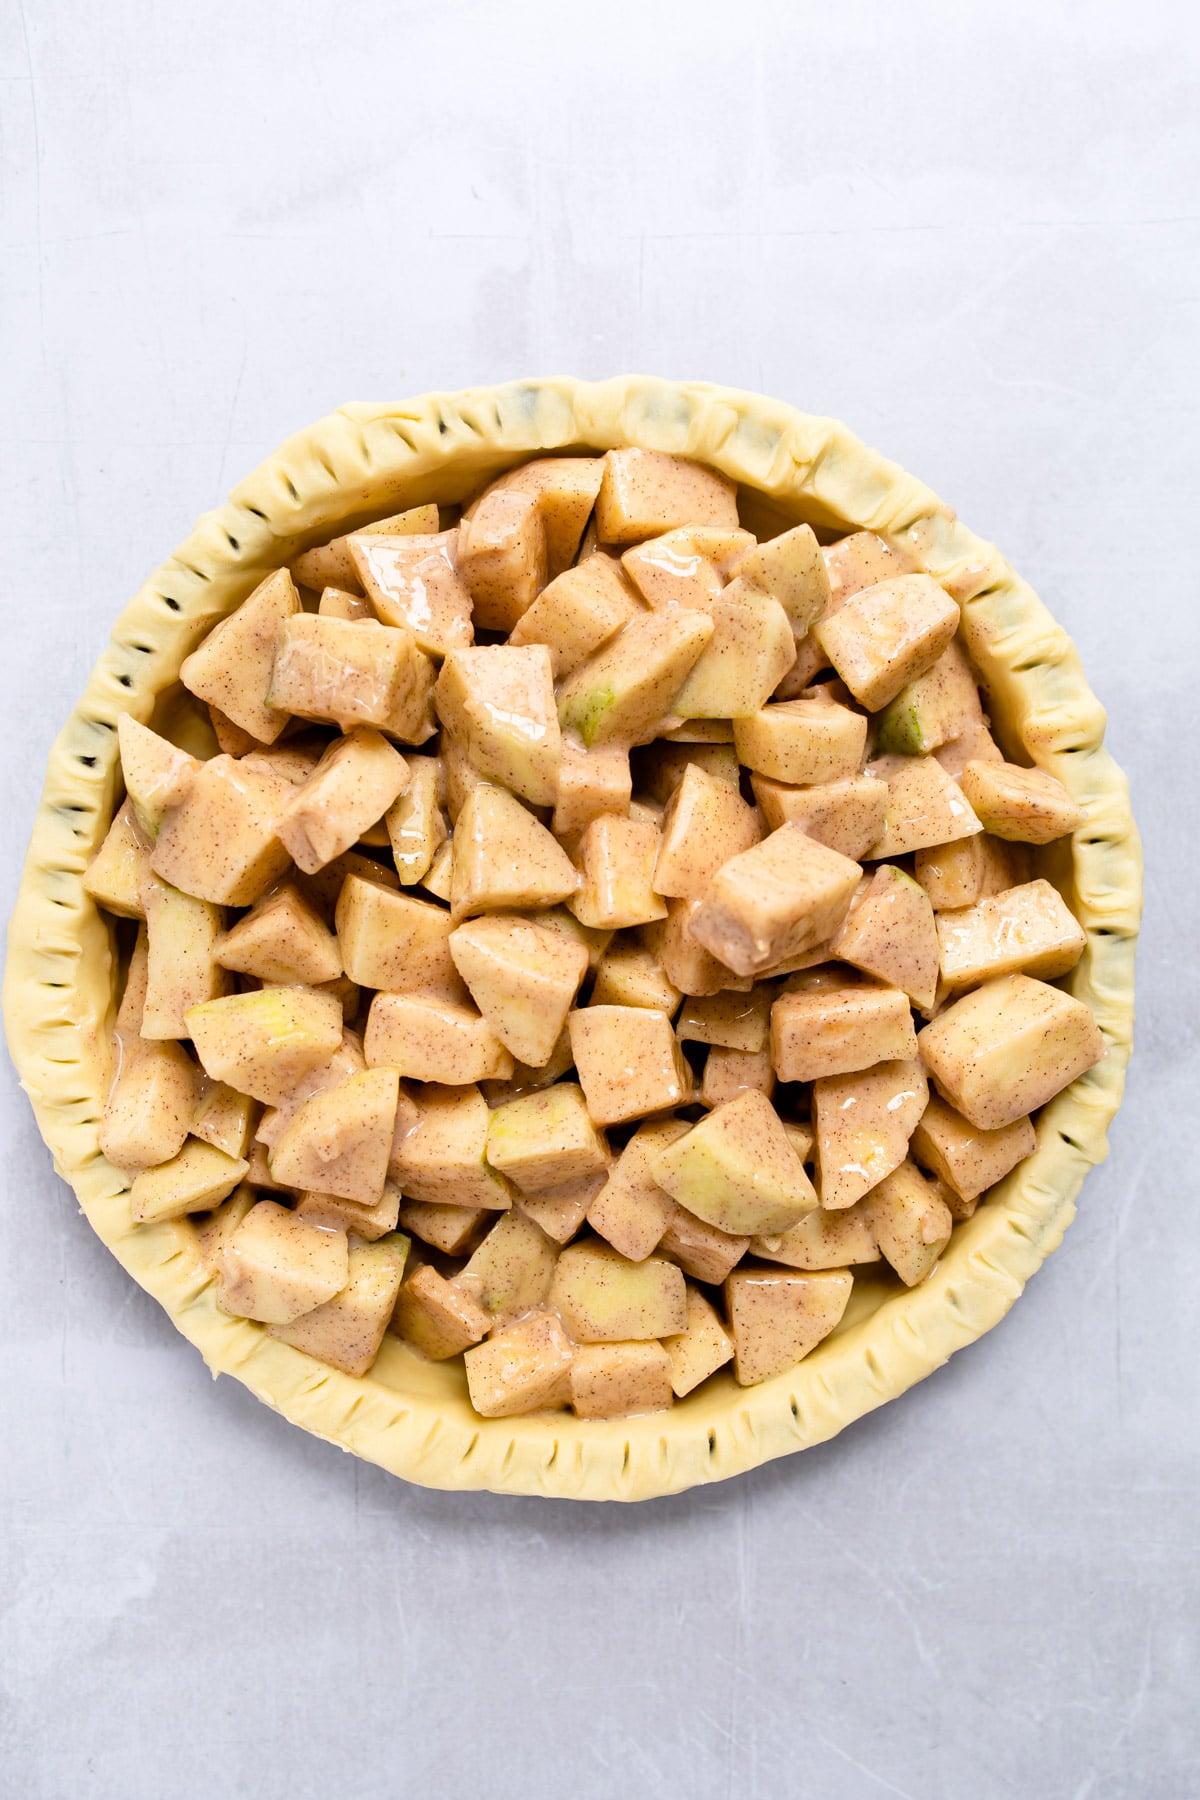 apple pie filling in an unbaked pie crust.